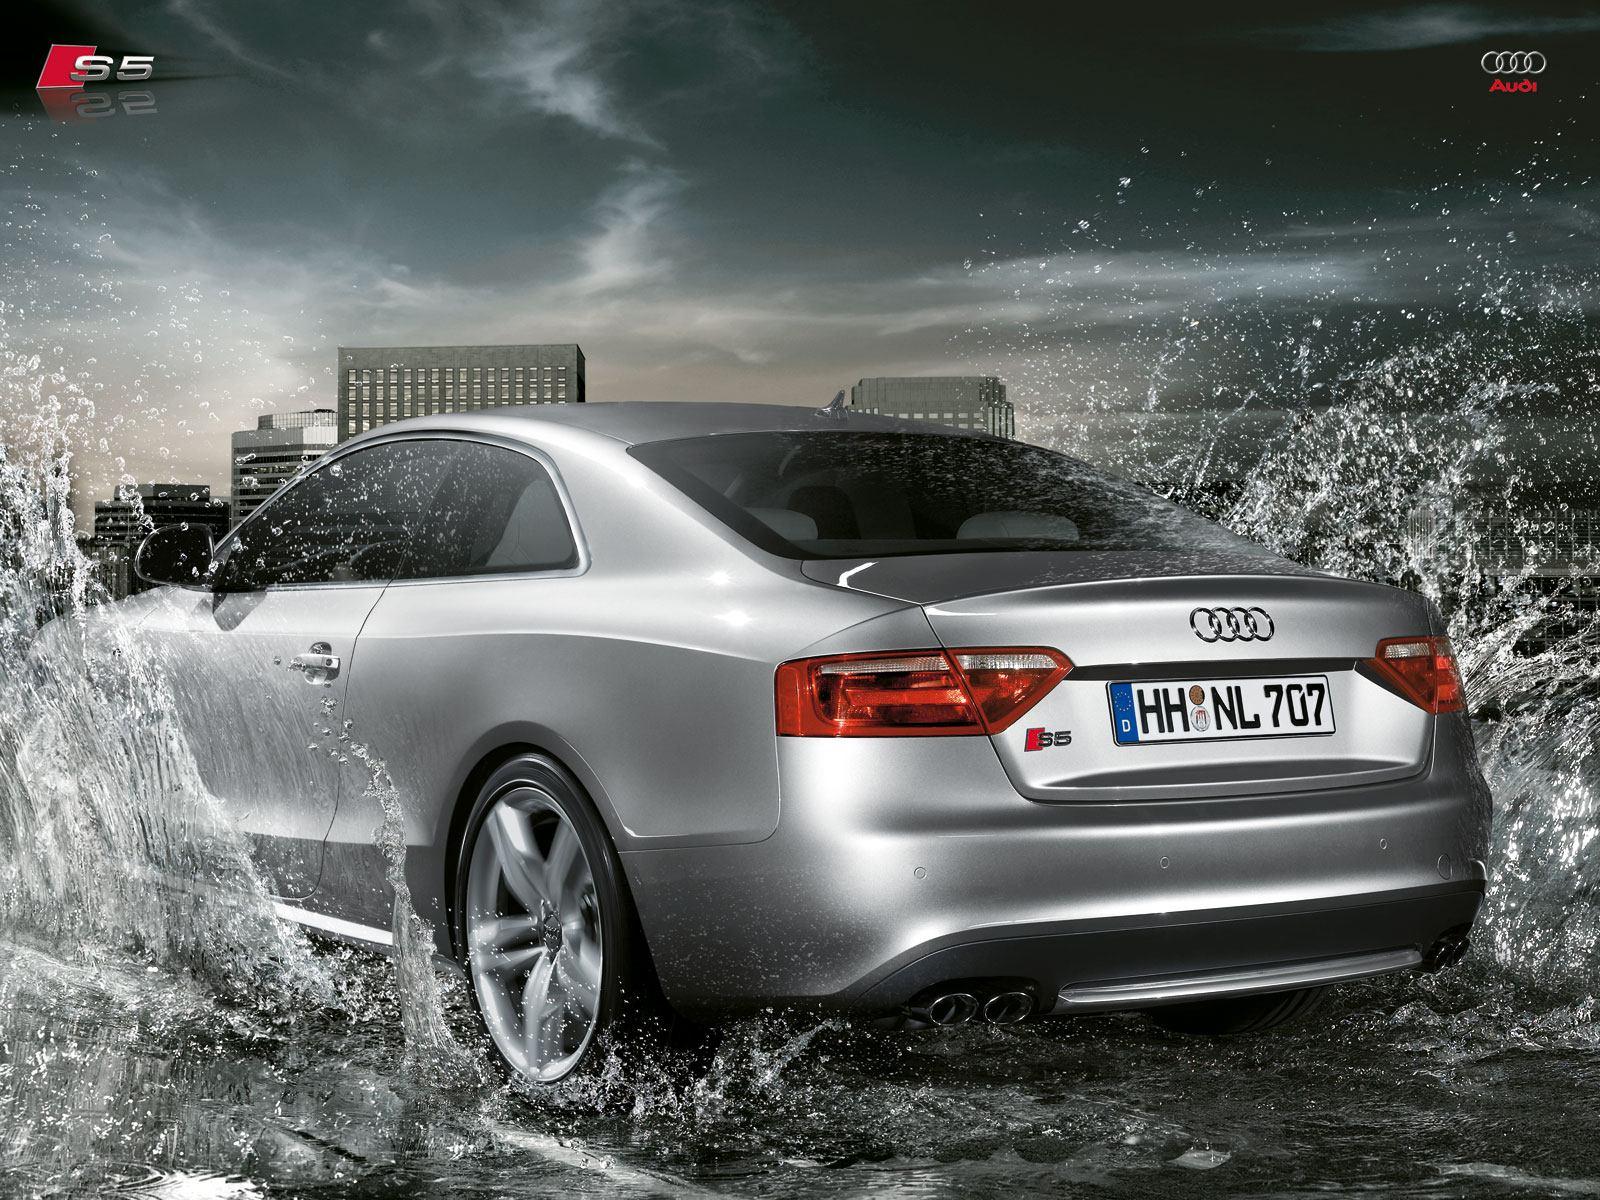 HD Audi Car Wallpapers - Nature Wallpaper